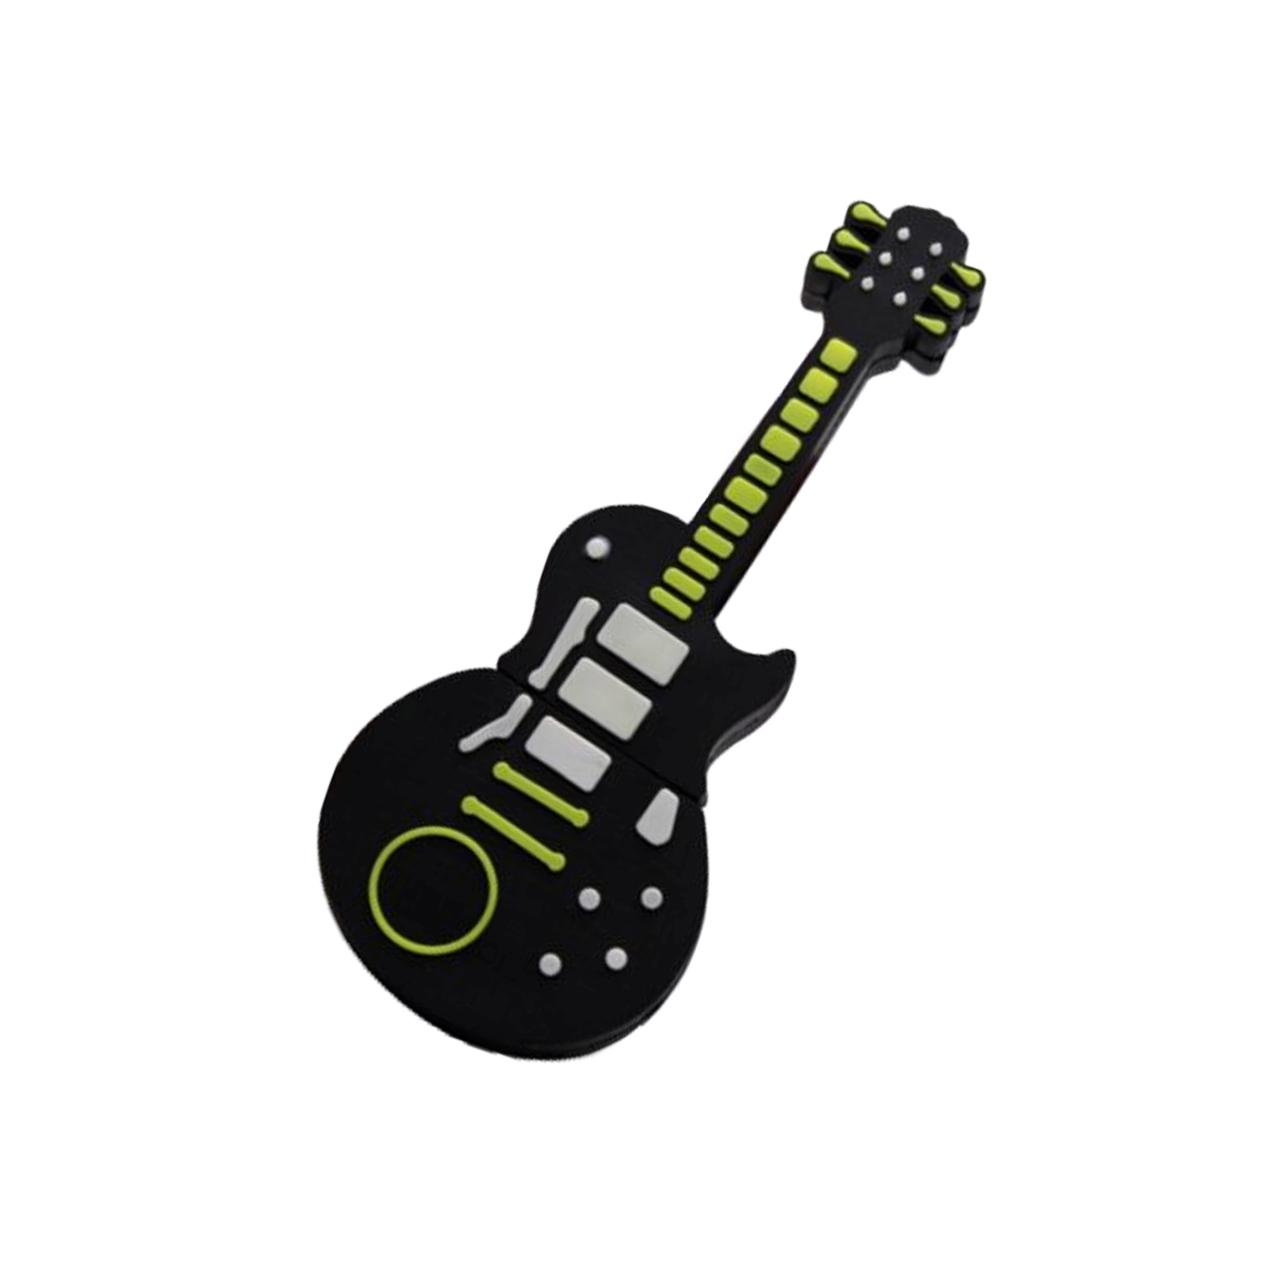 بررسی و {خرید با تخفیف} فلش مموری طرح گیتار برقی مدل DAA1150 ظرفیت 16 گیگابایت اصل